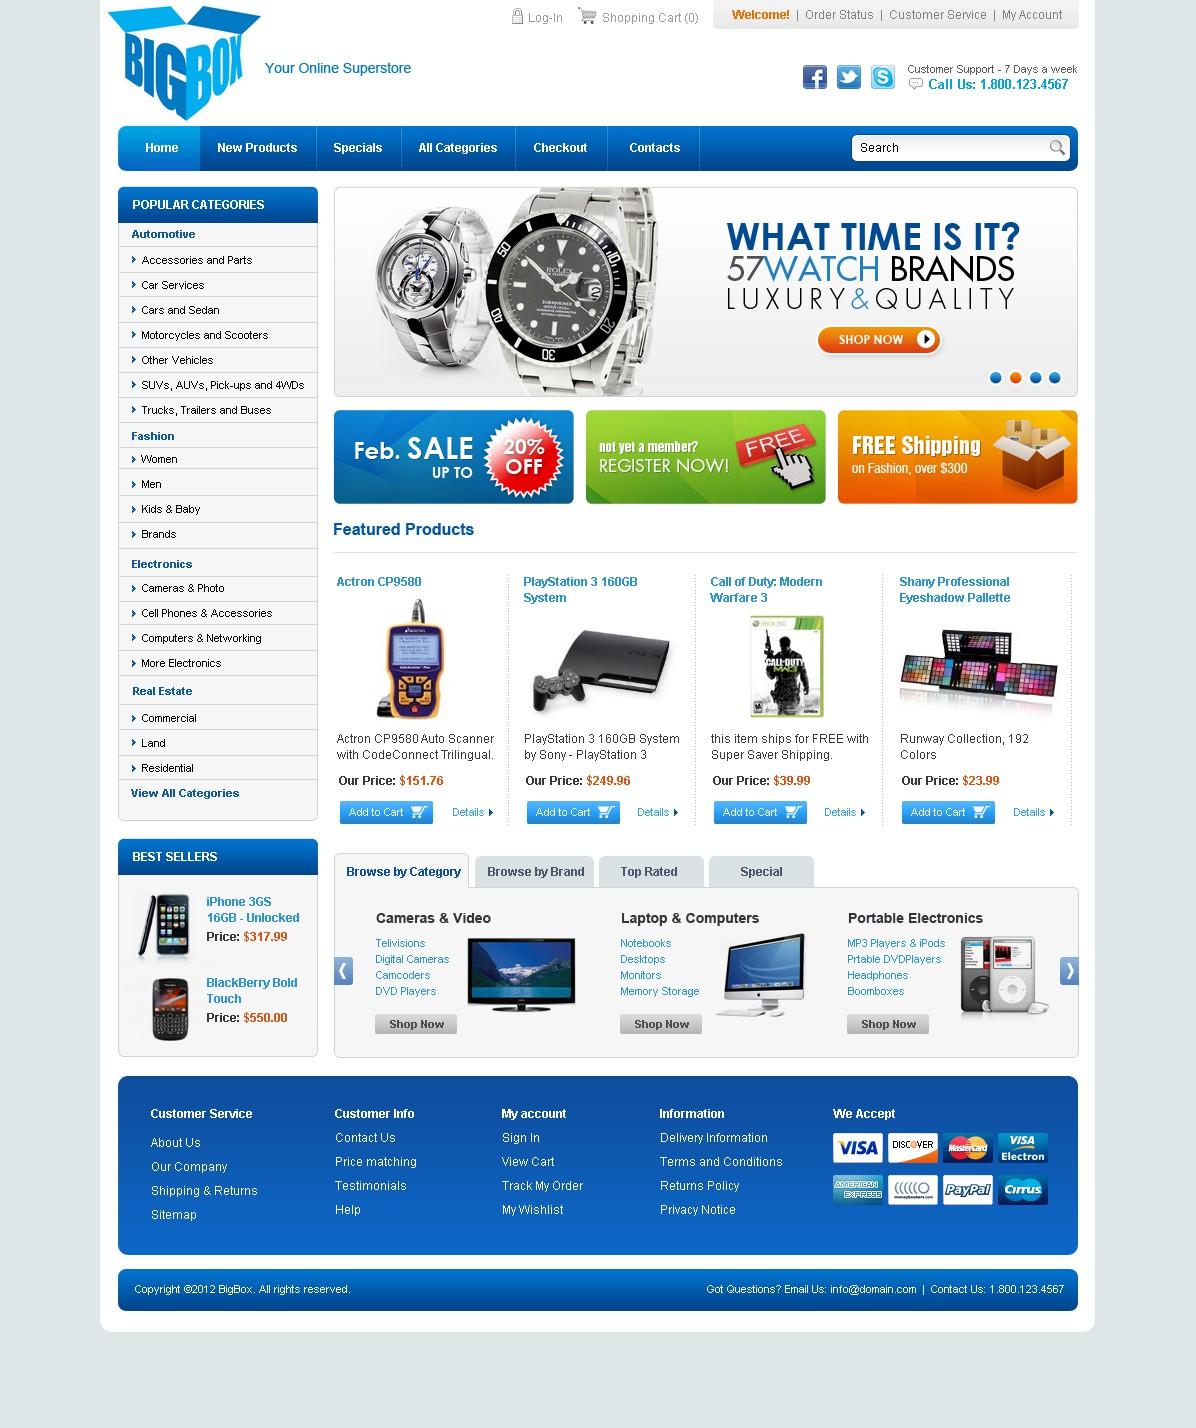 Help bigbox with a new website design